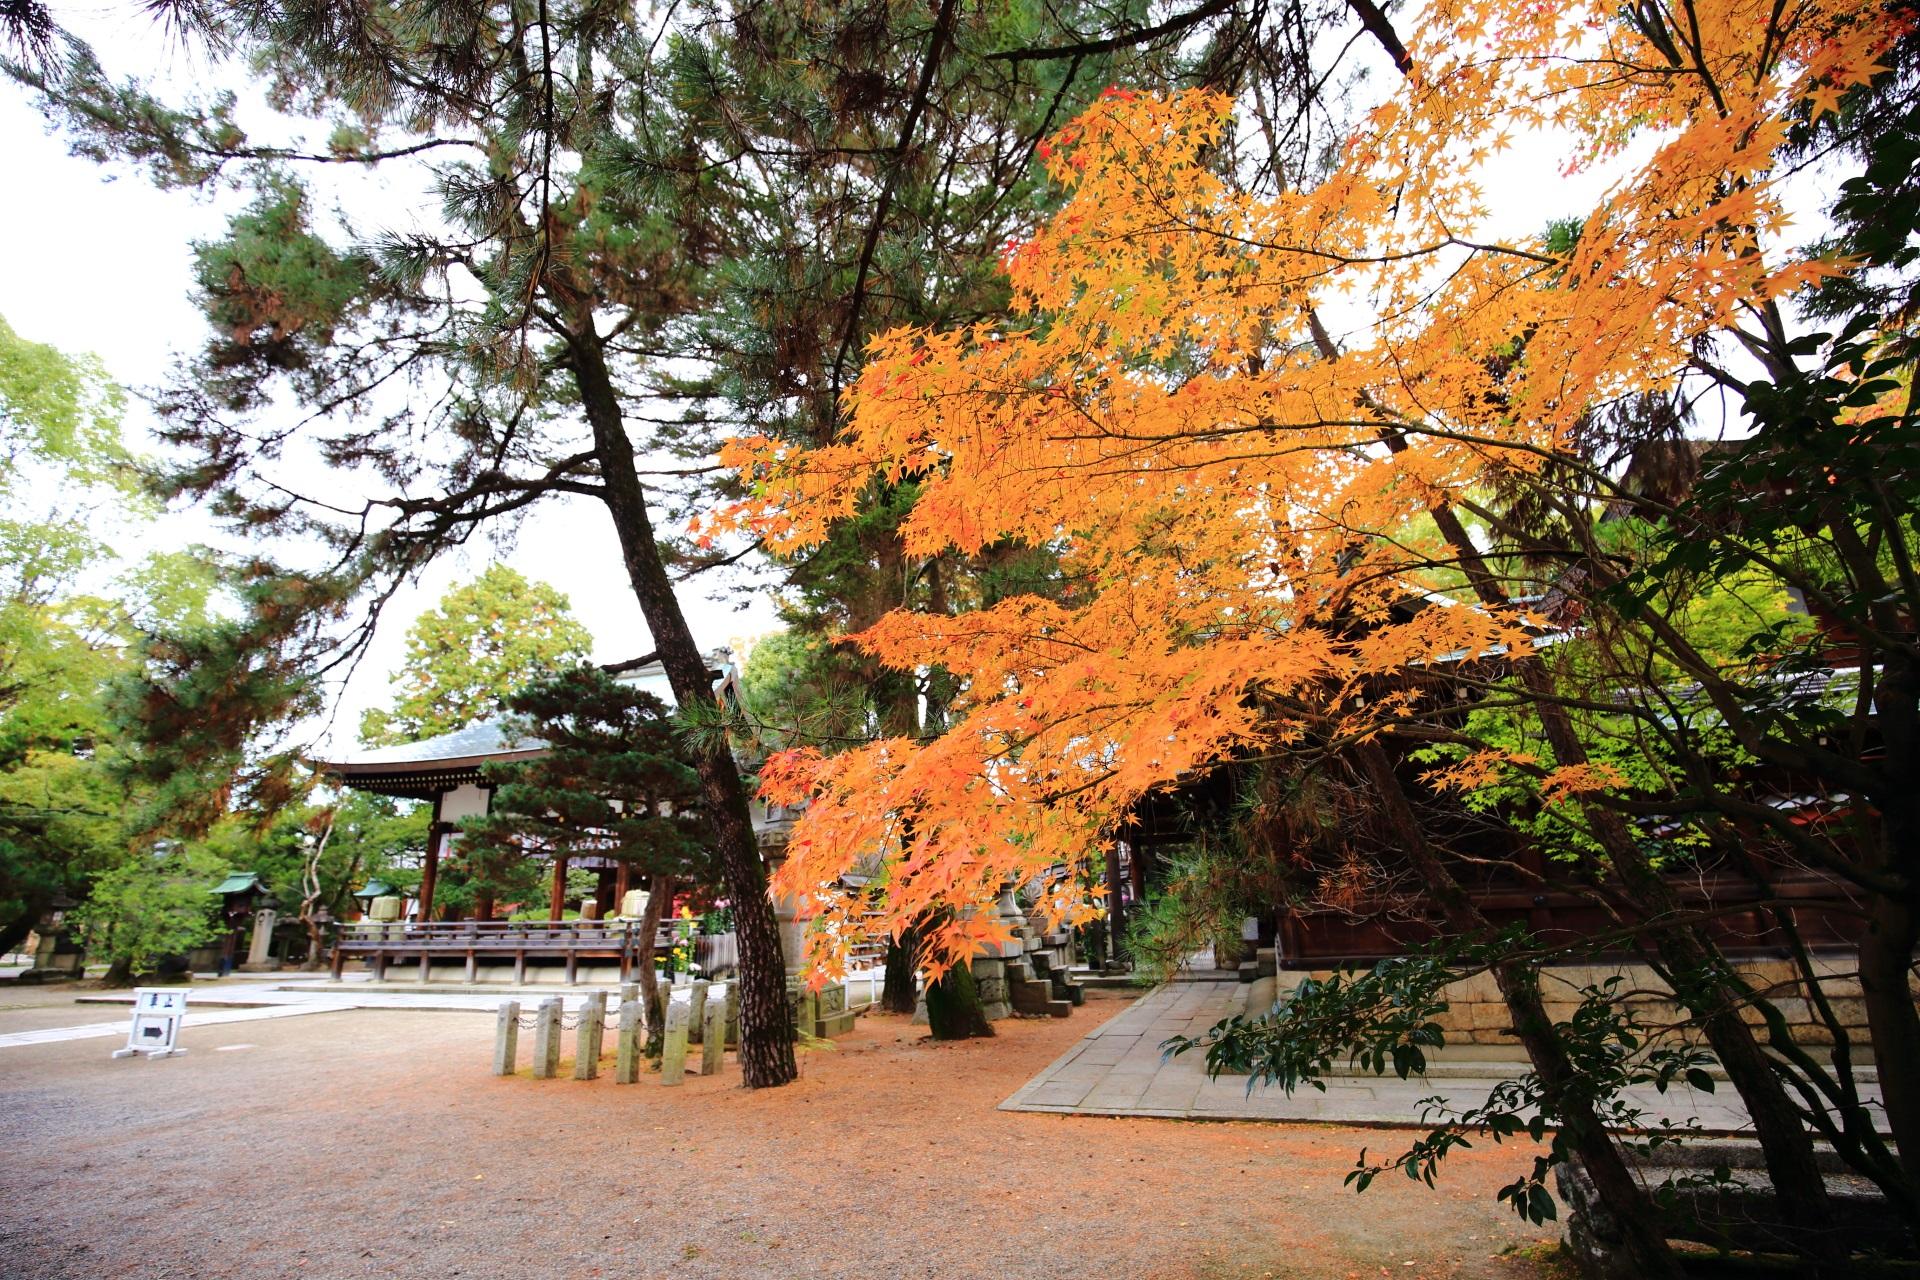 上御霊神社の本殿南側の華やかな黄色い紅葉